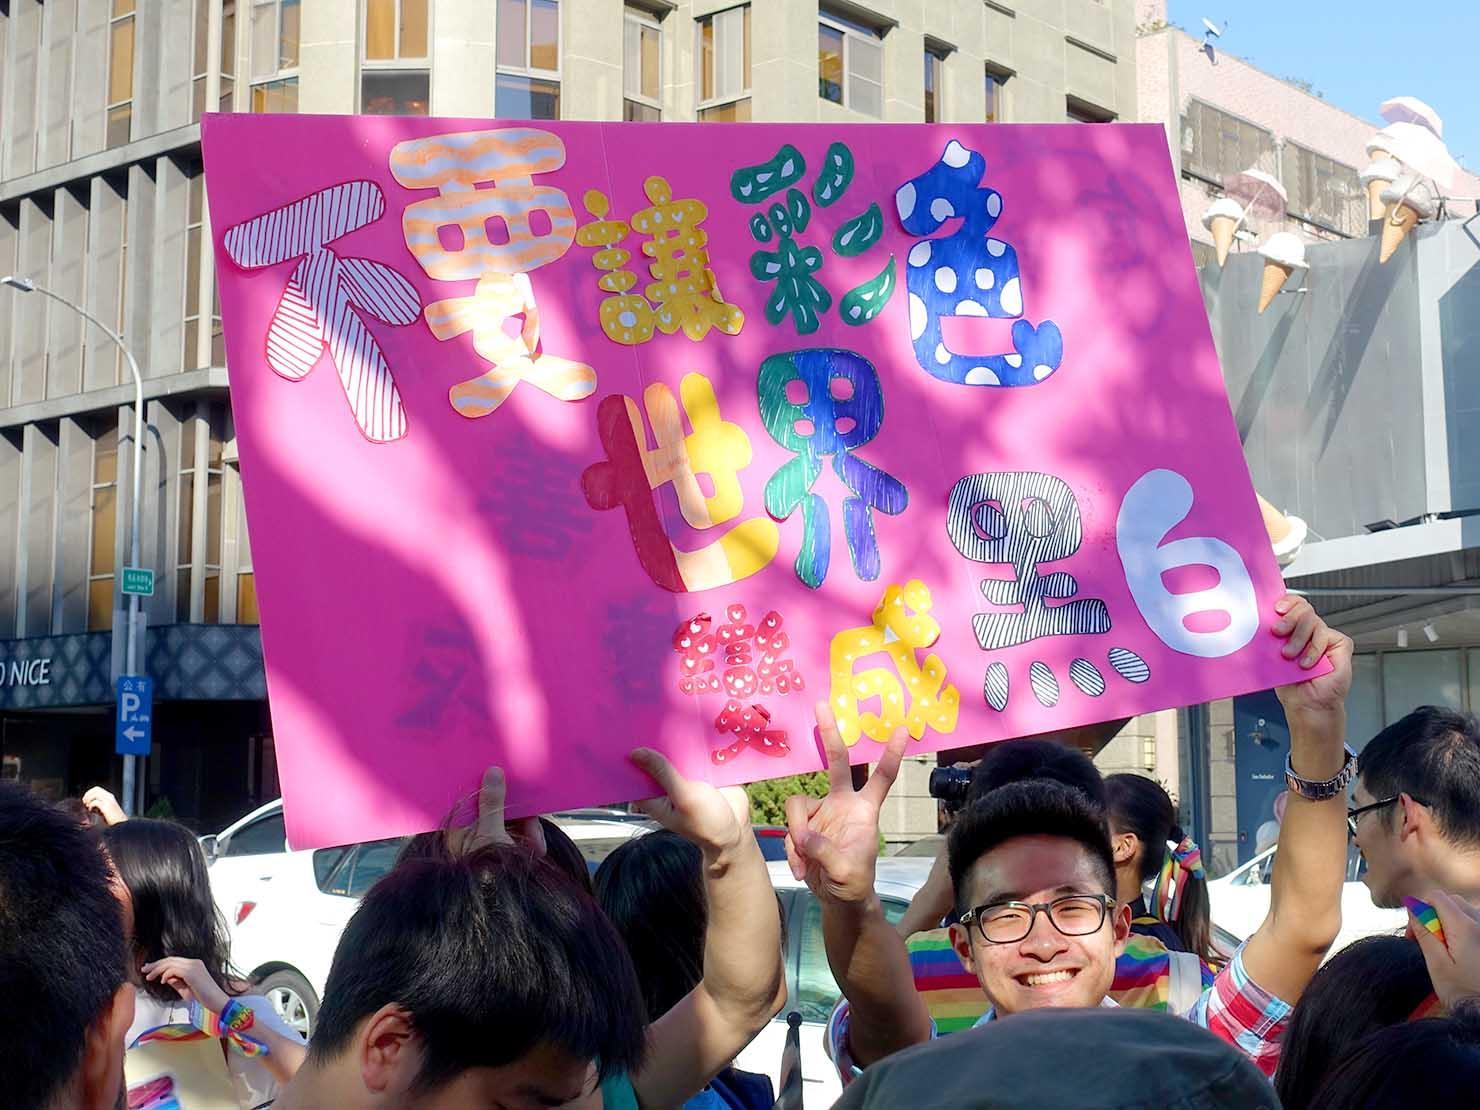 台中同志遊行(台中LGBTプライド)2017のメッセージボード「不要讓彩色世界變成黑白」